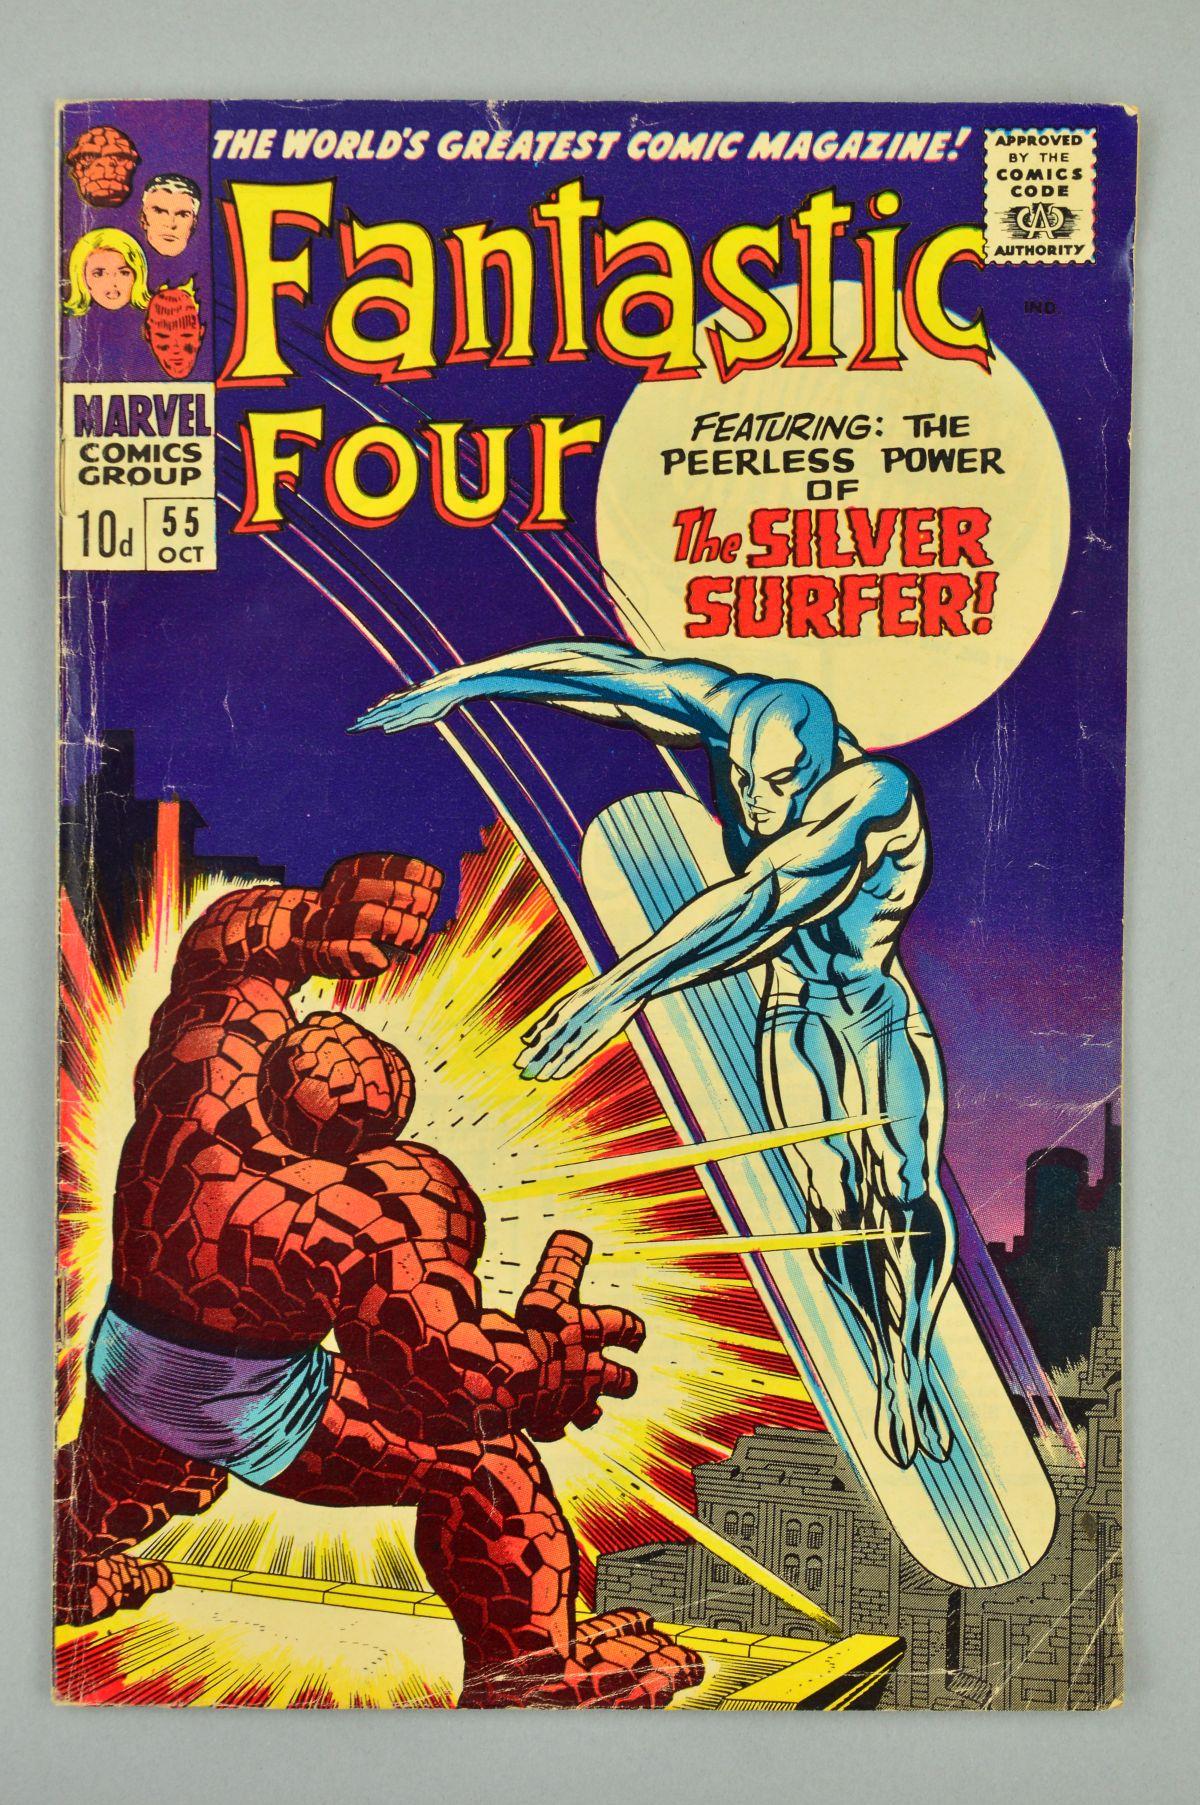 Lot 1850 - Fantastic Four (1961) #55, Published:October 10, 1966